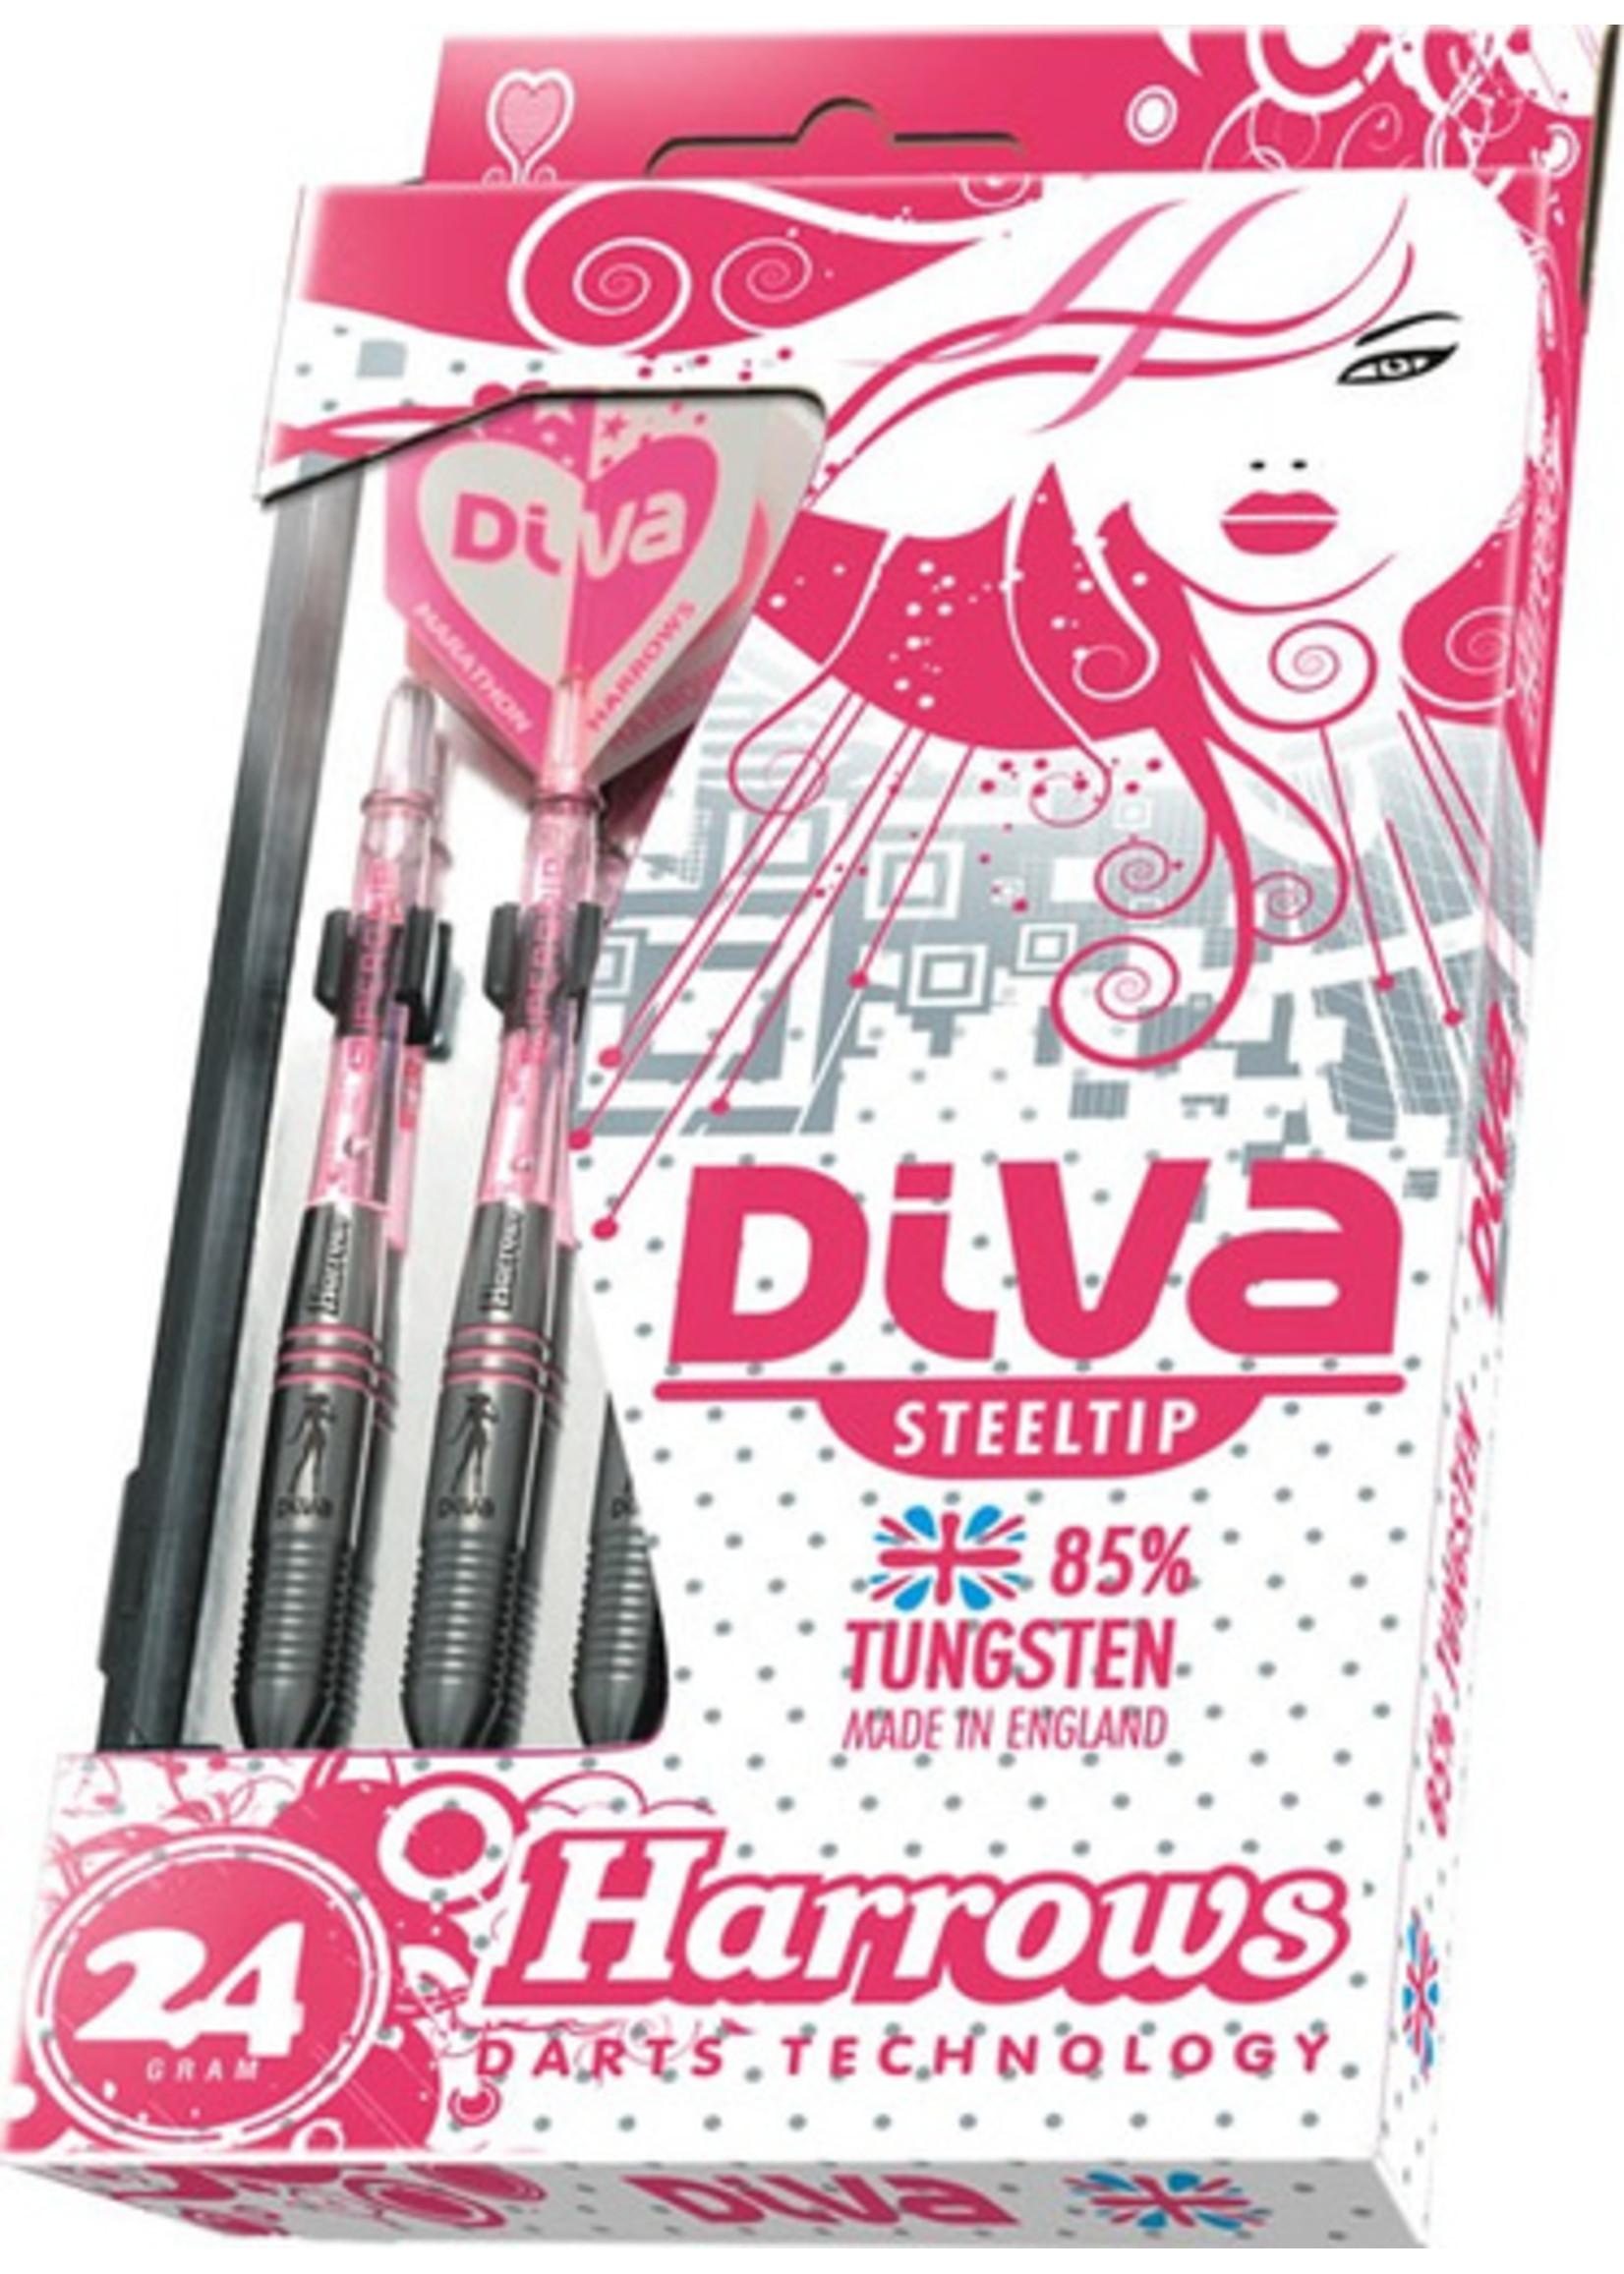 Harrows Harrows Darts Set - Diva